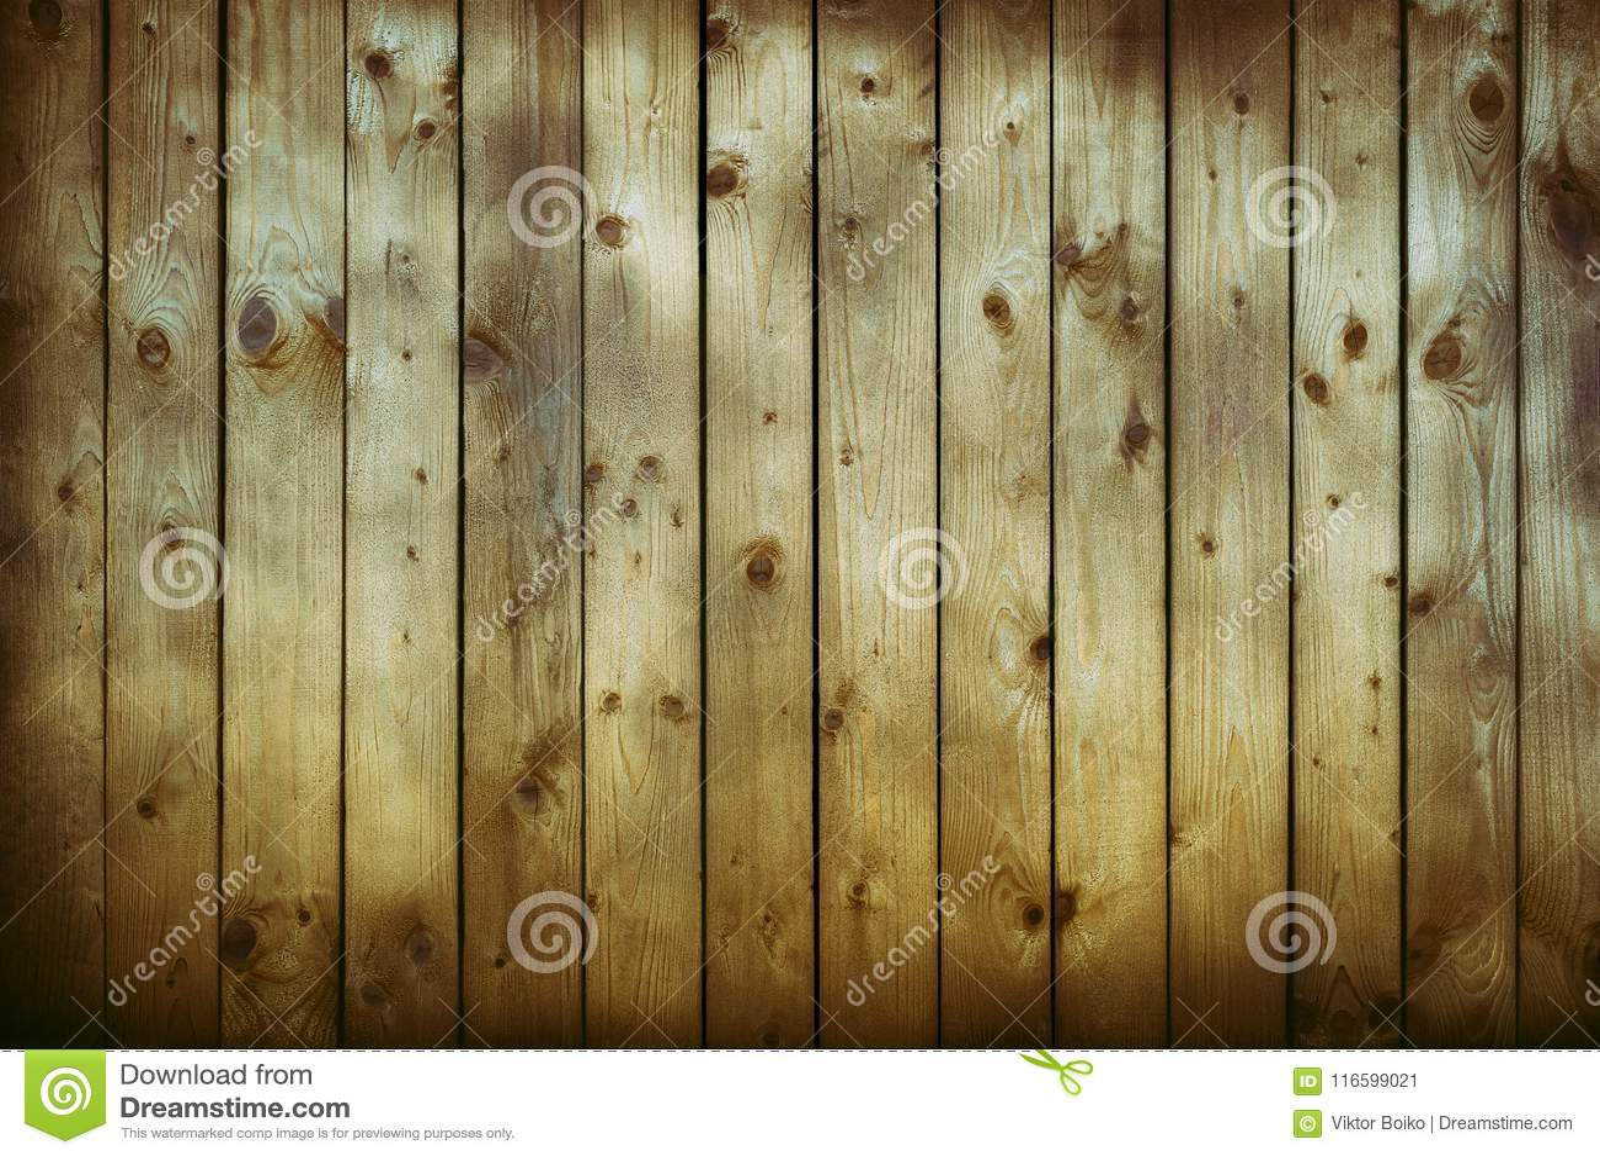 Los paneles de madera de Grunge